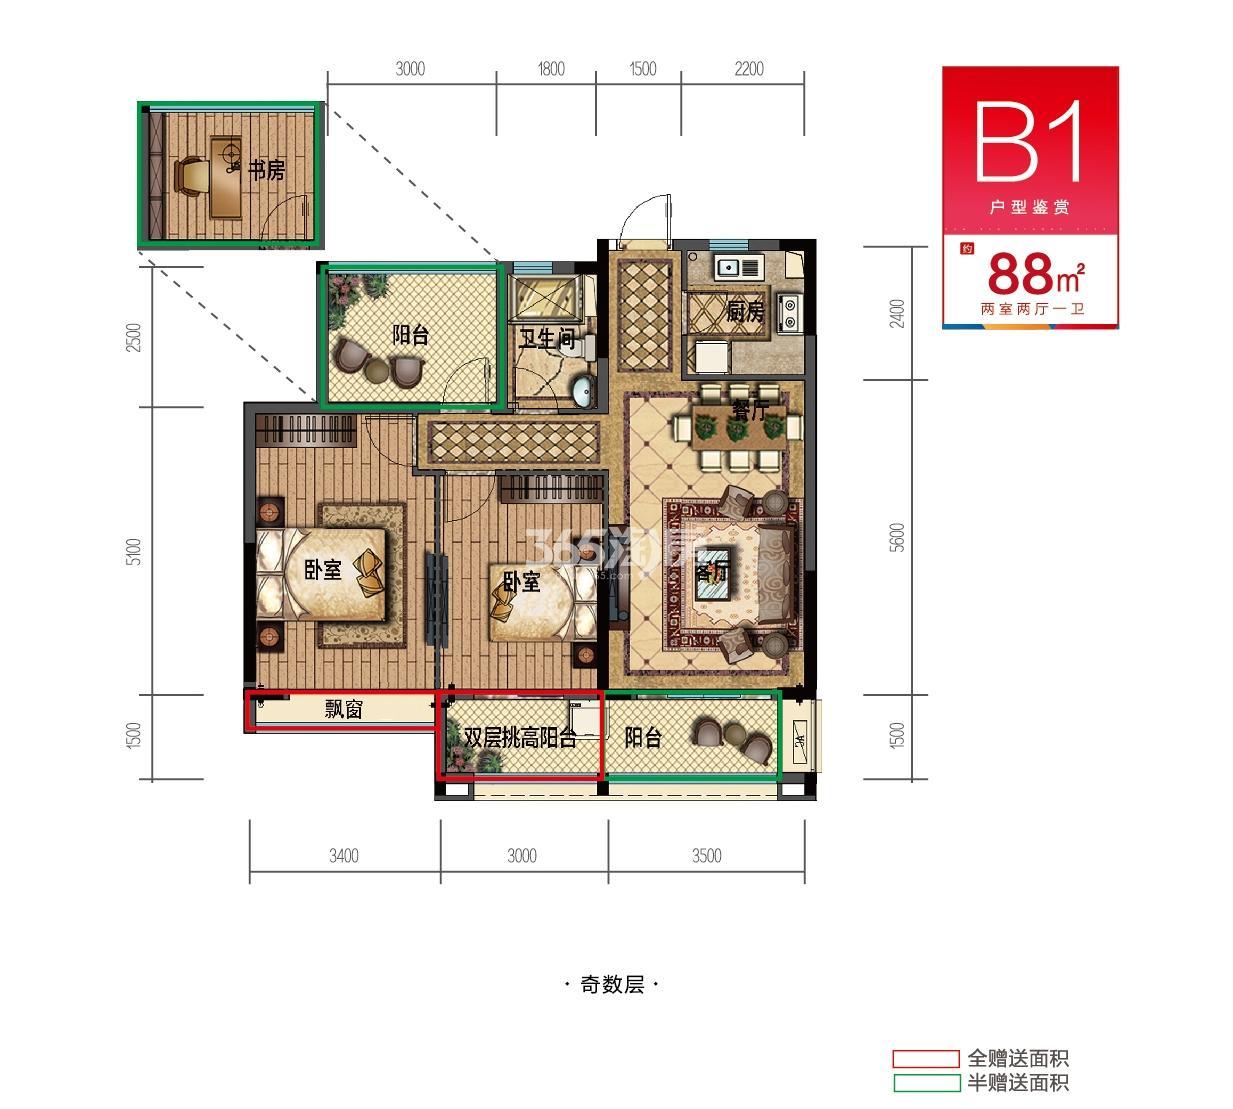 越秀星汇城B1户型88方奇数层 (11号楼)